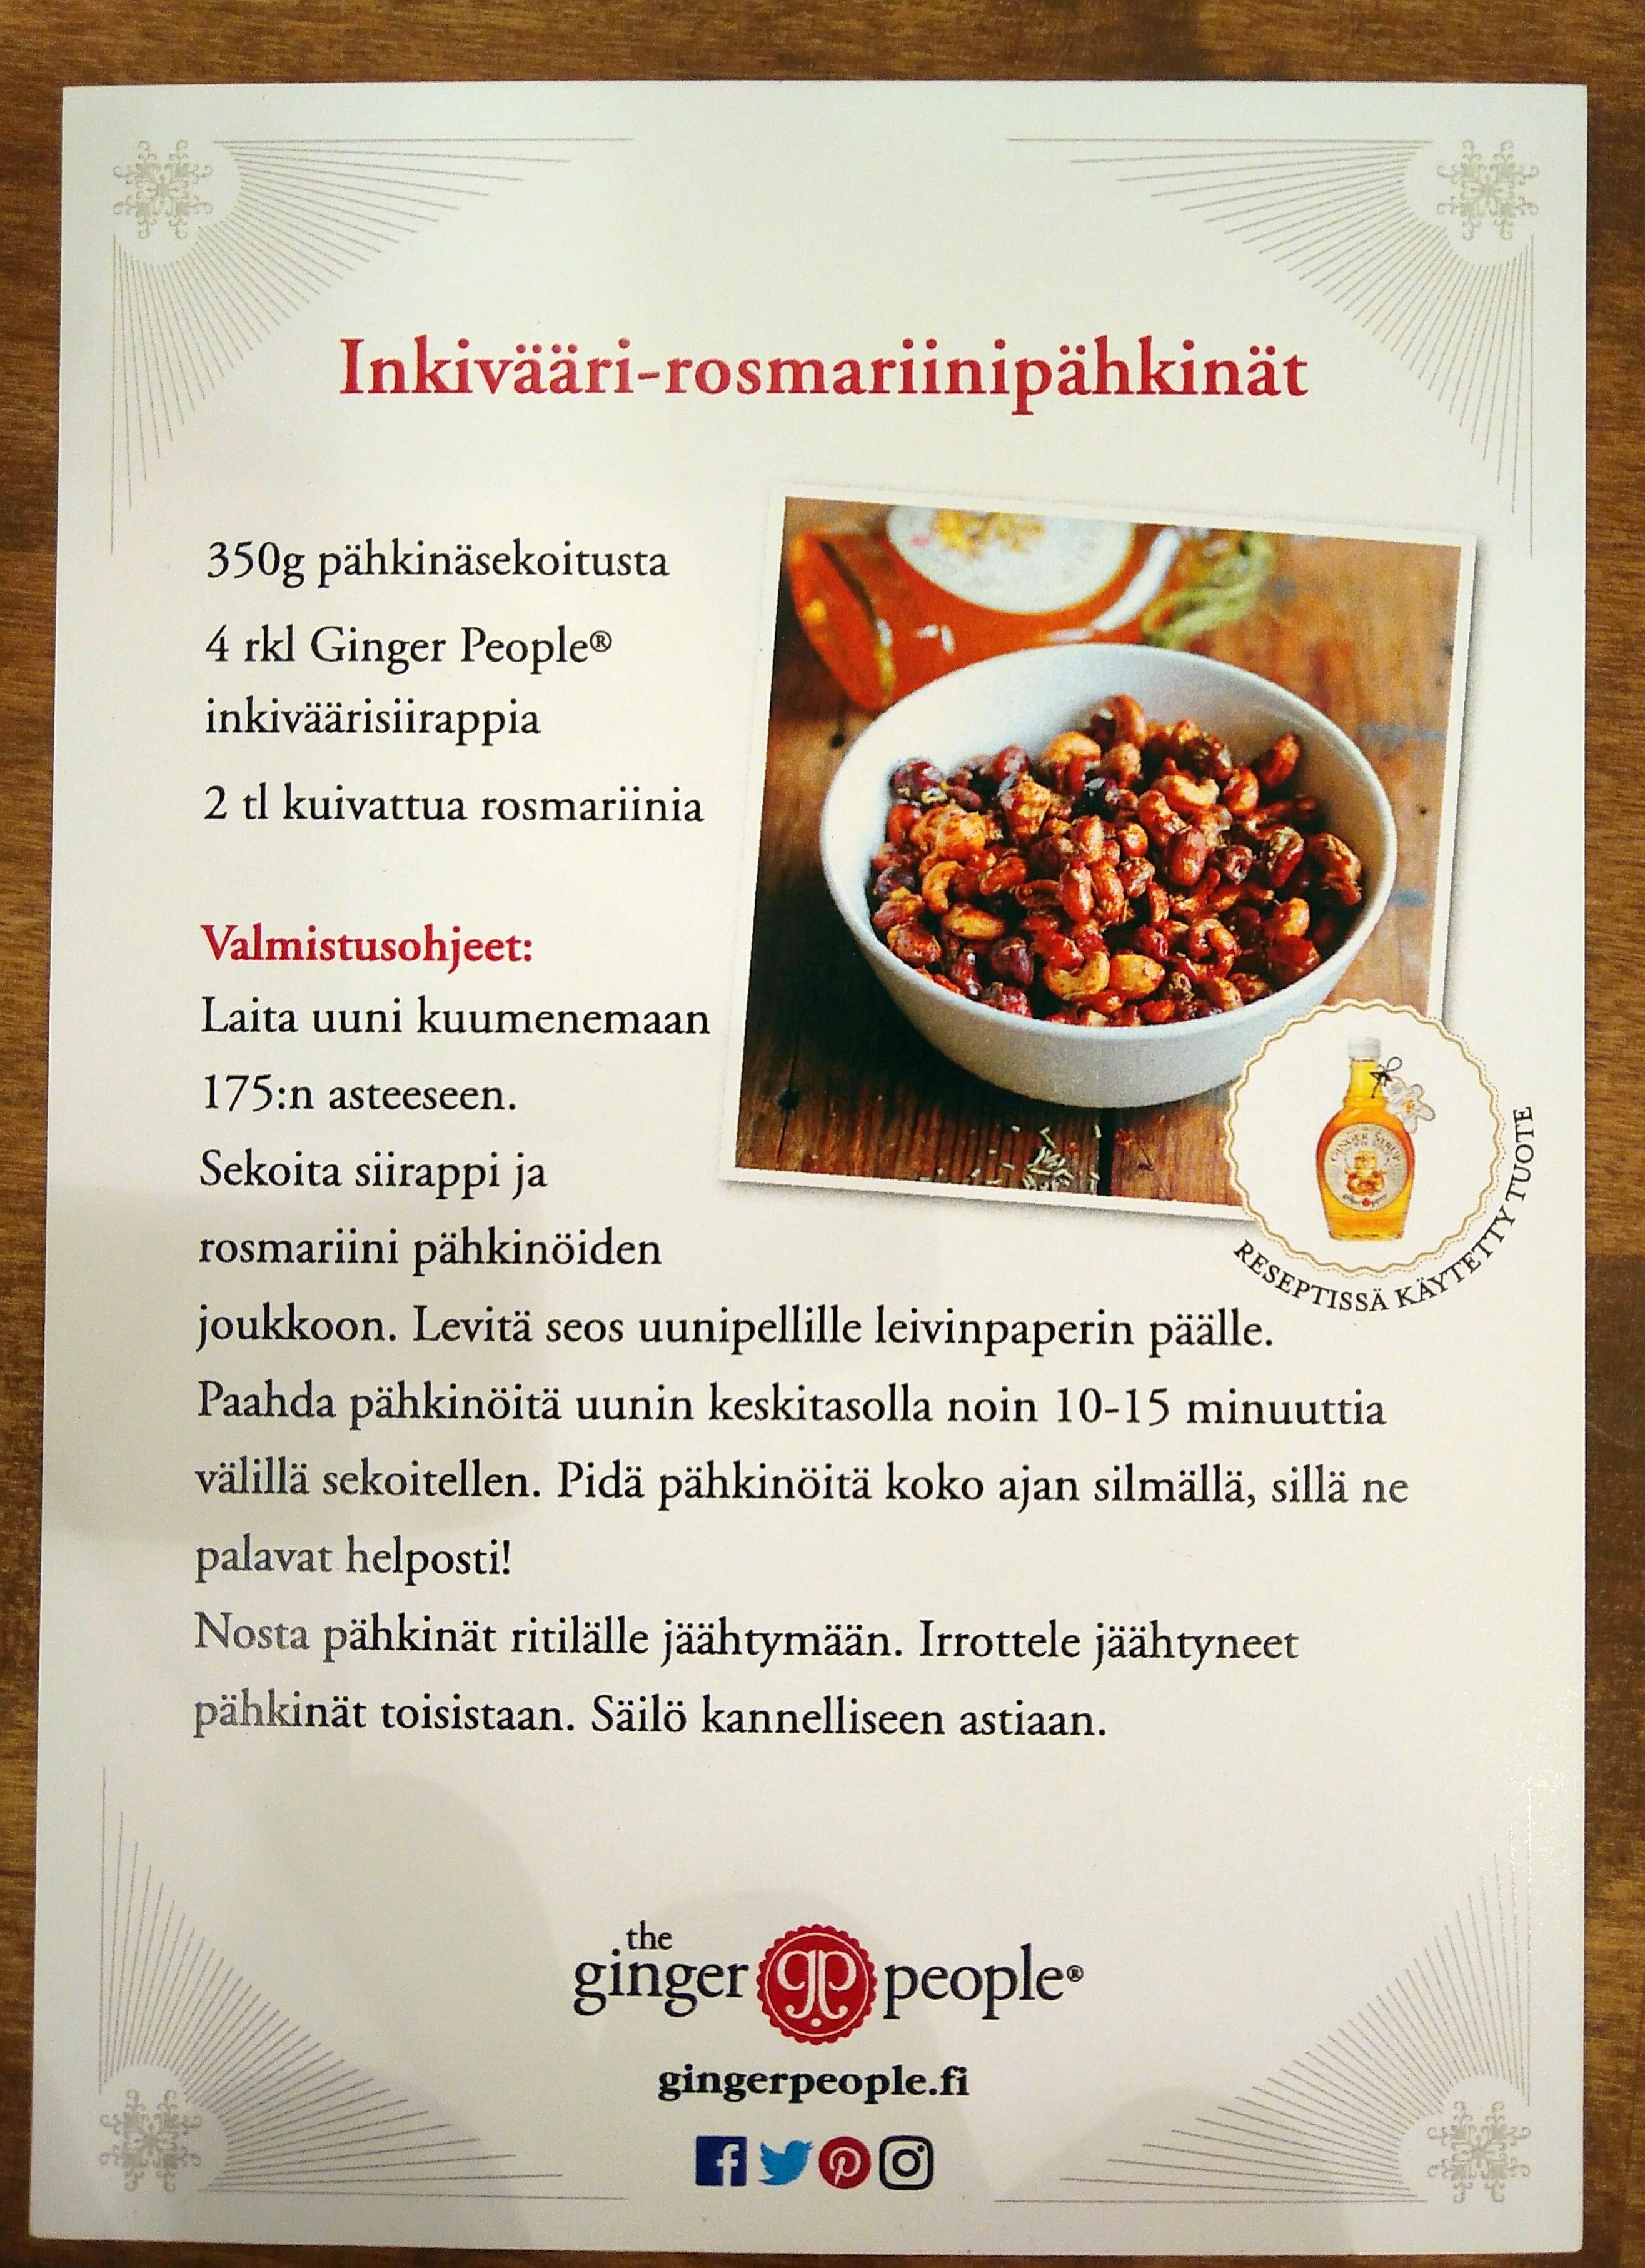 resepti_inkivääri.jpg